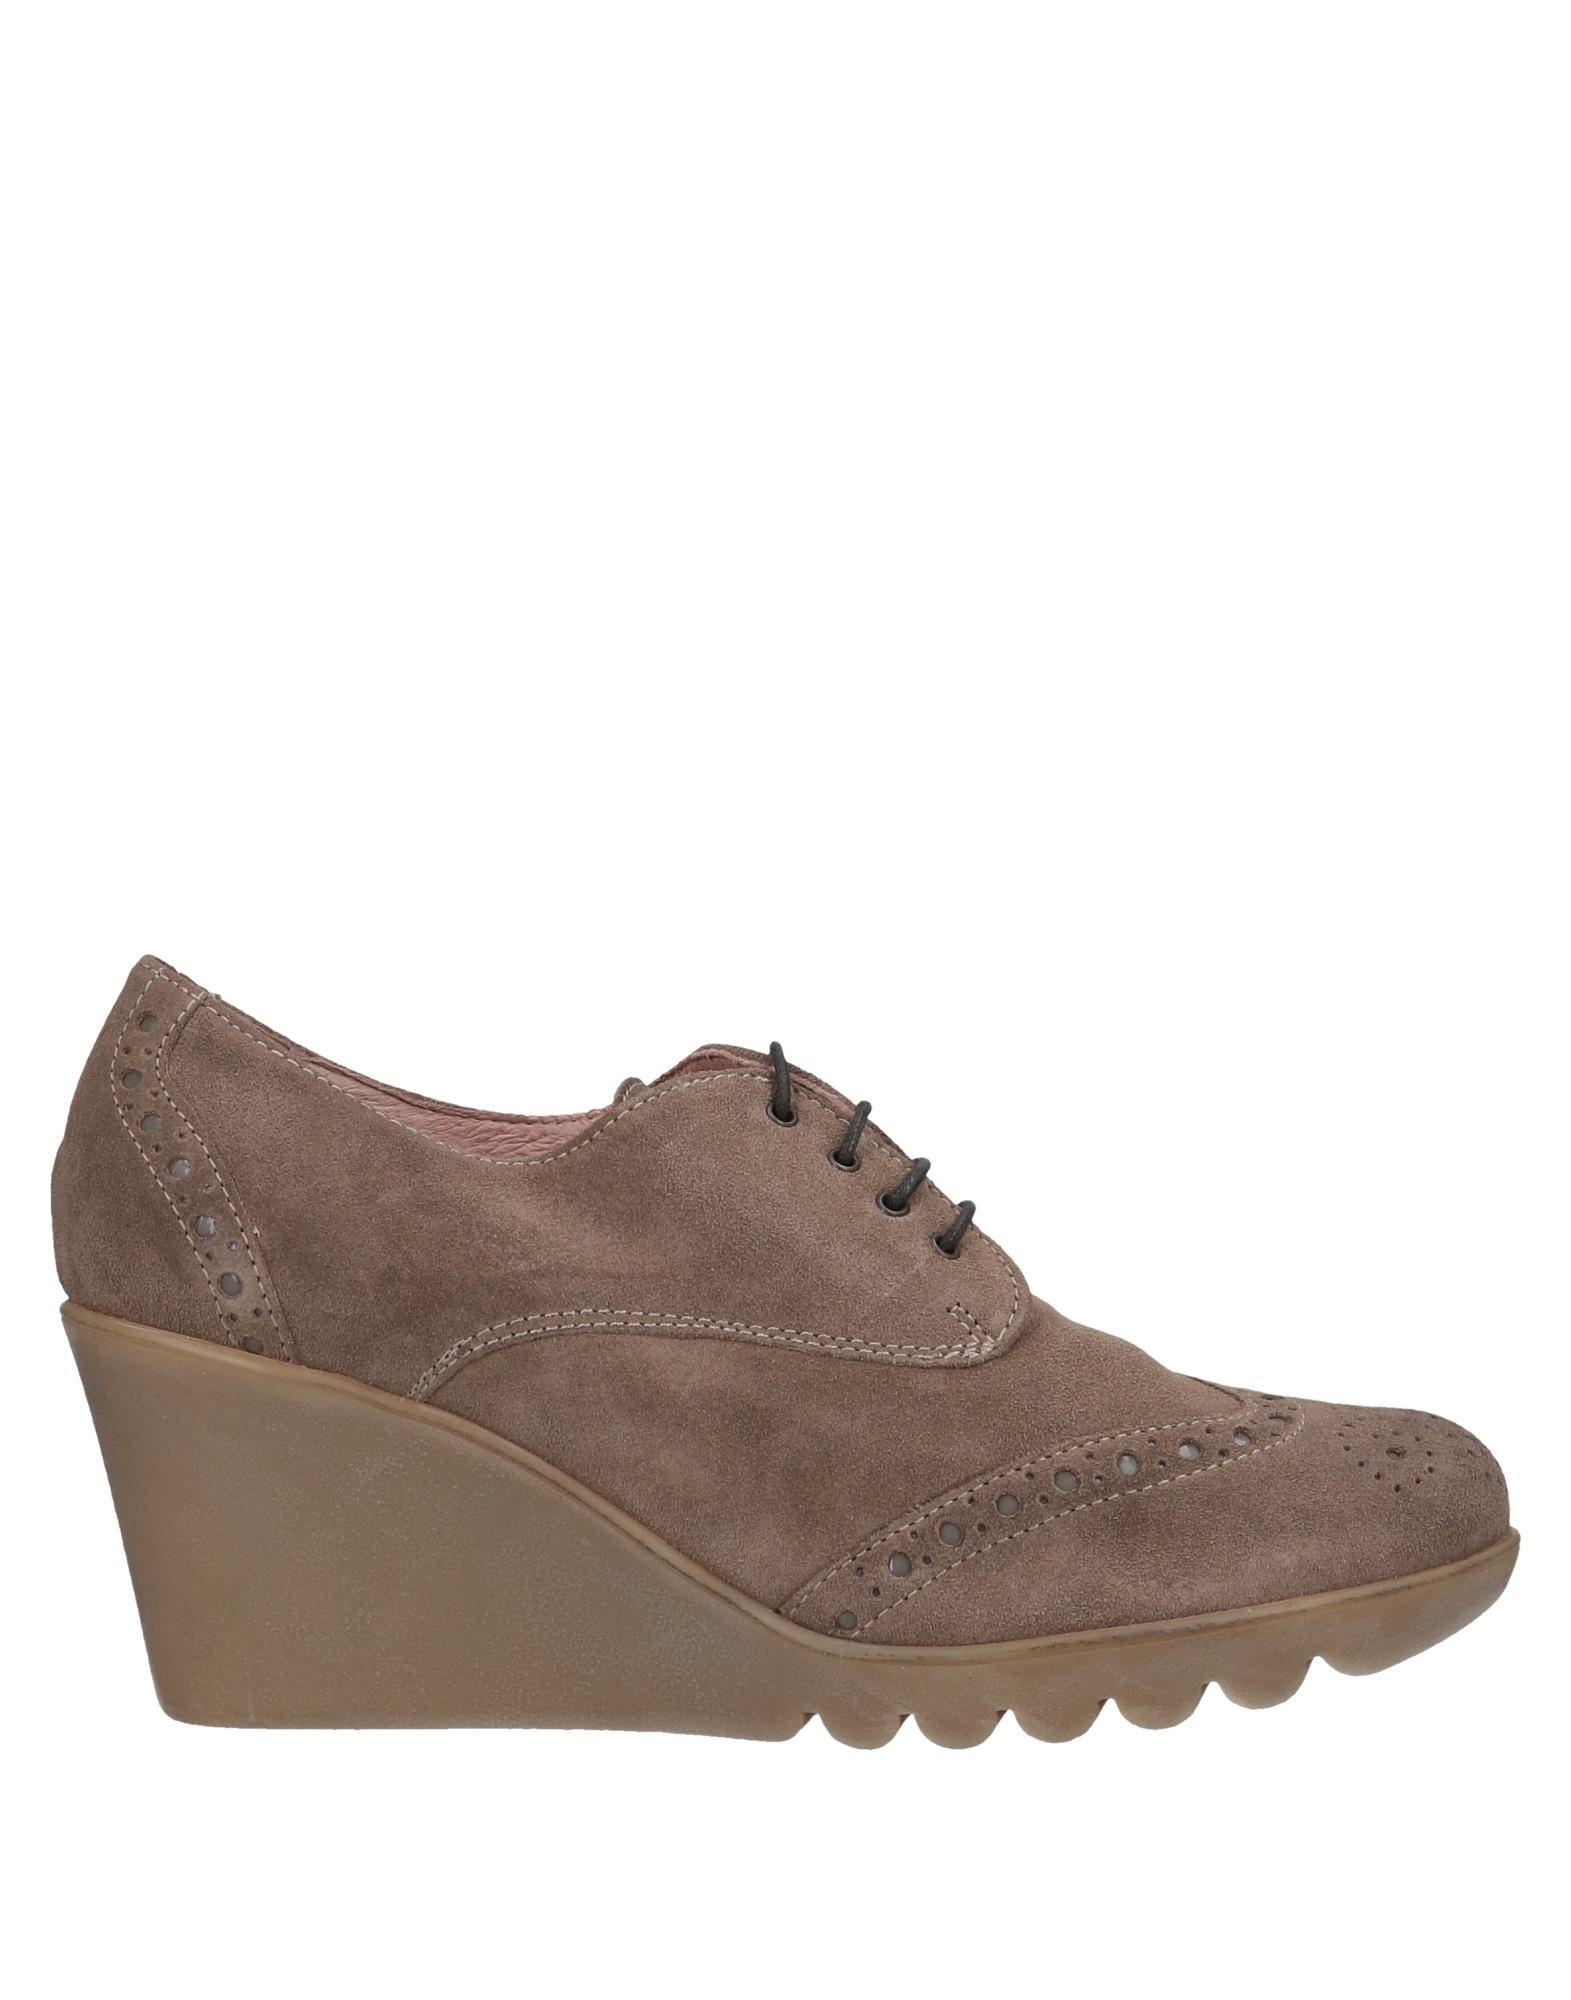 Keys Schnürschuhe Damen  11554525GQ Gute Qualität beliebte Schuhe